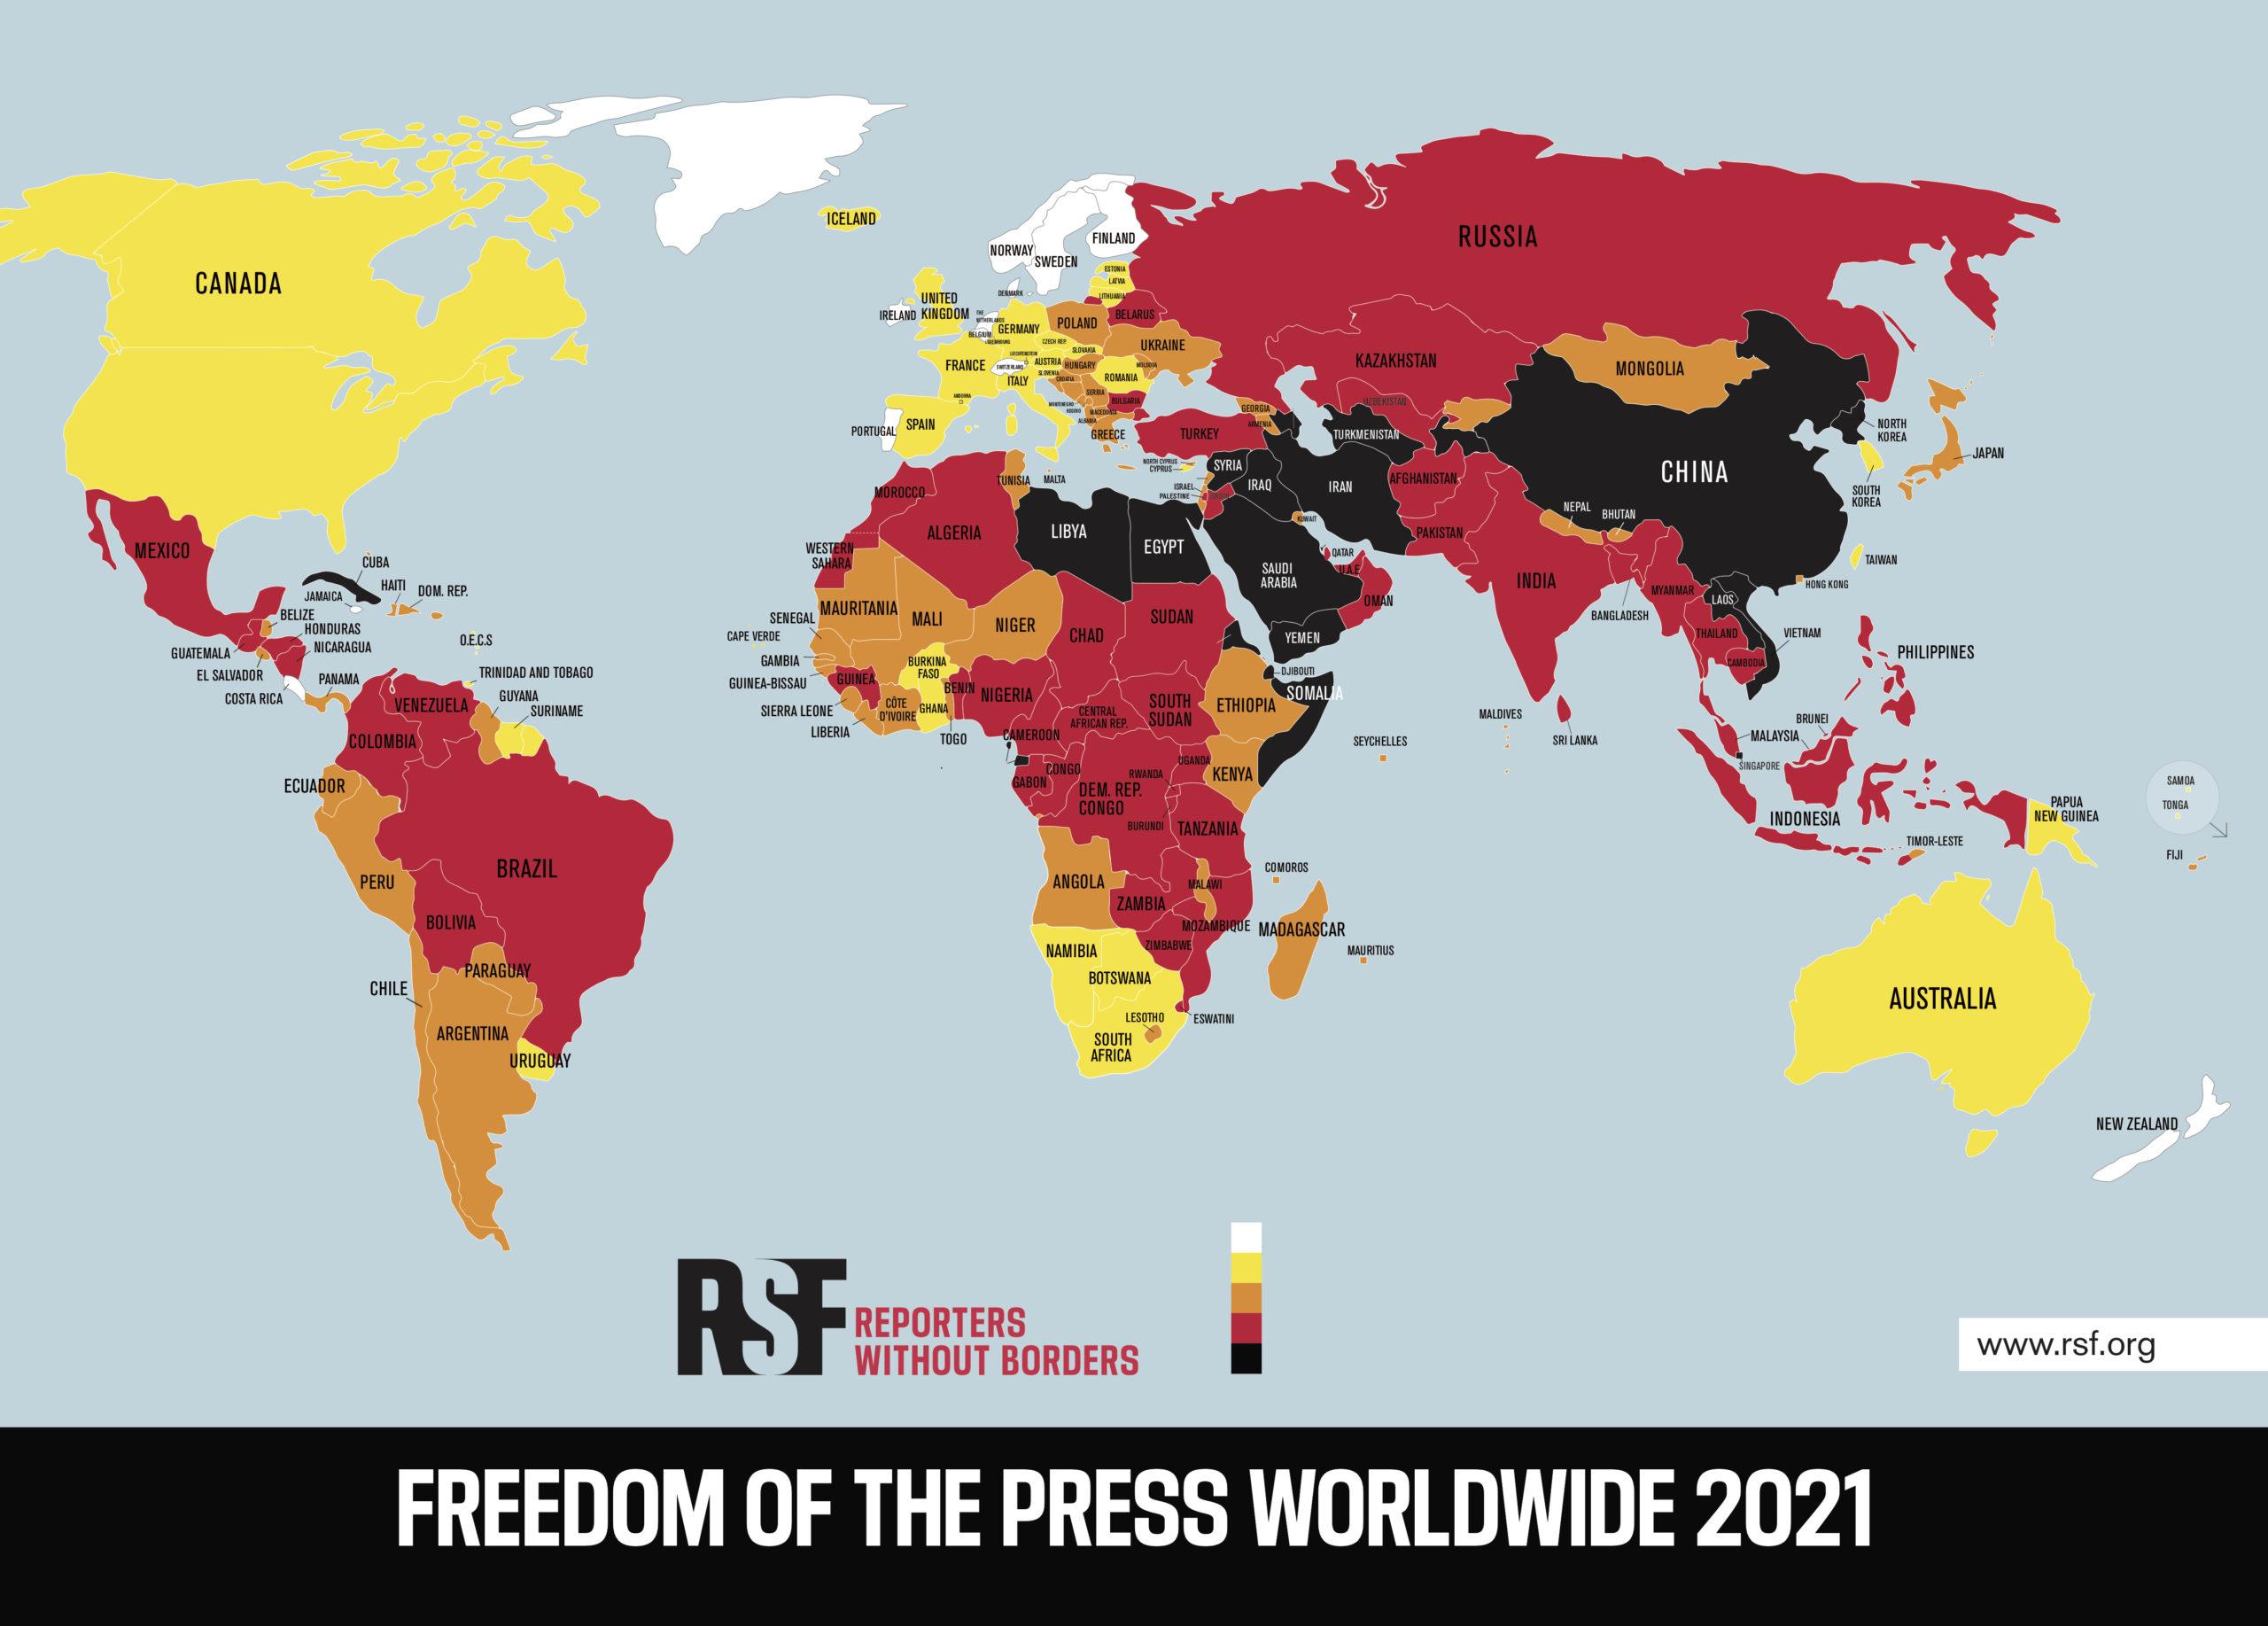 «Лучше, но могло быть еще лучше». Кыргызстан поднялся на 3 строчки в рейтинге свободы прессы, но журналисты все еще подвергаются преследованиям — «Репортеры без границ»